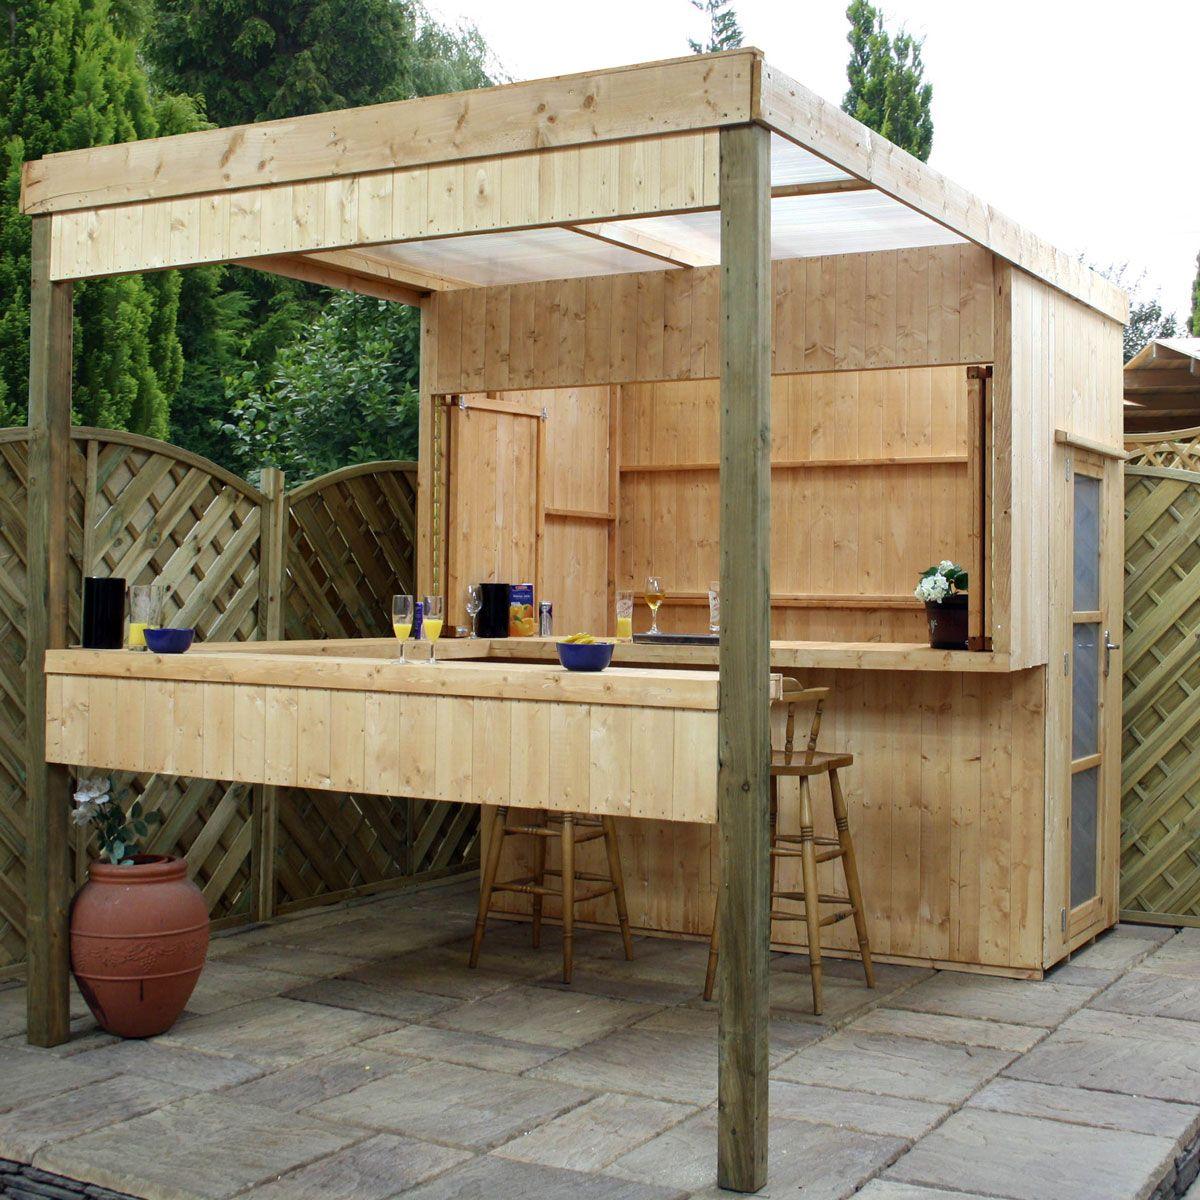 Outdoor Bar Outdoor Bar Mercia Contemporary Shelter Outdoor Bar Cabin